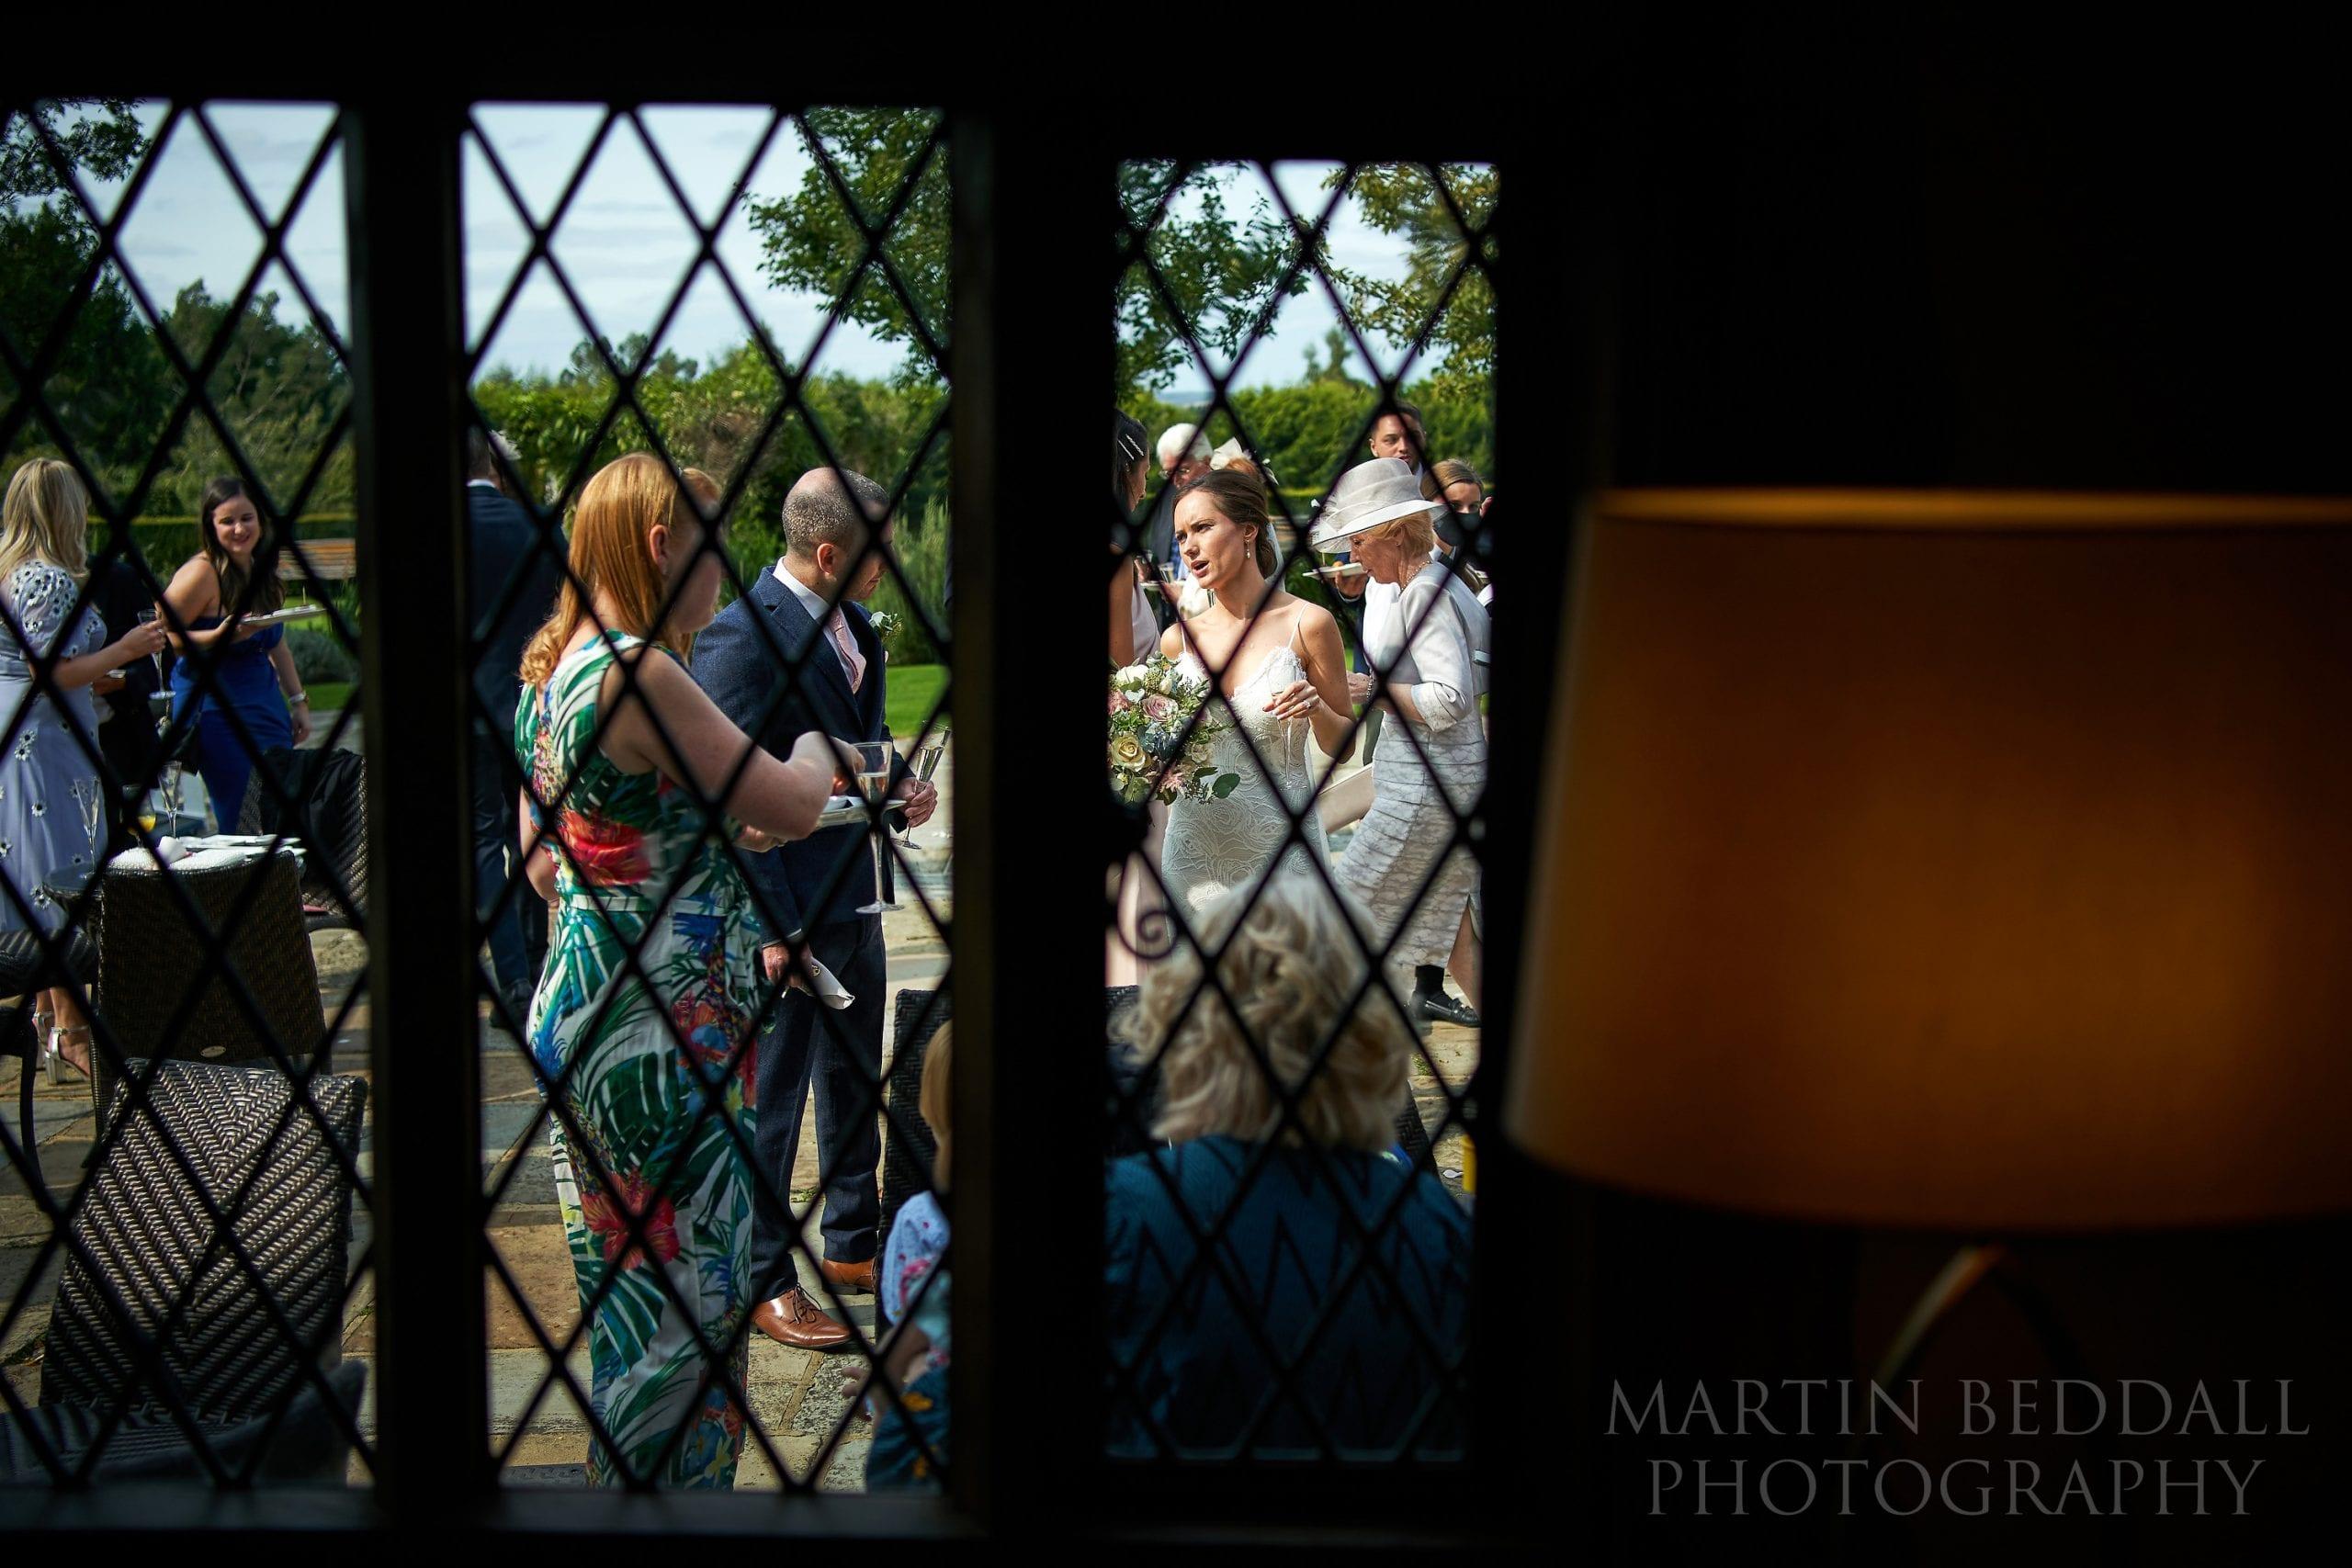 Wedding reception at Cain Manor in Surrey